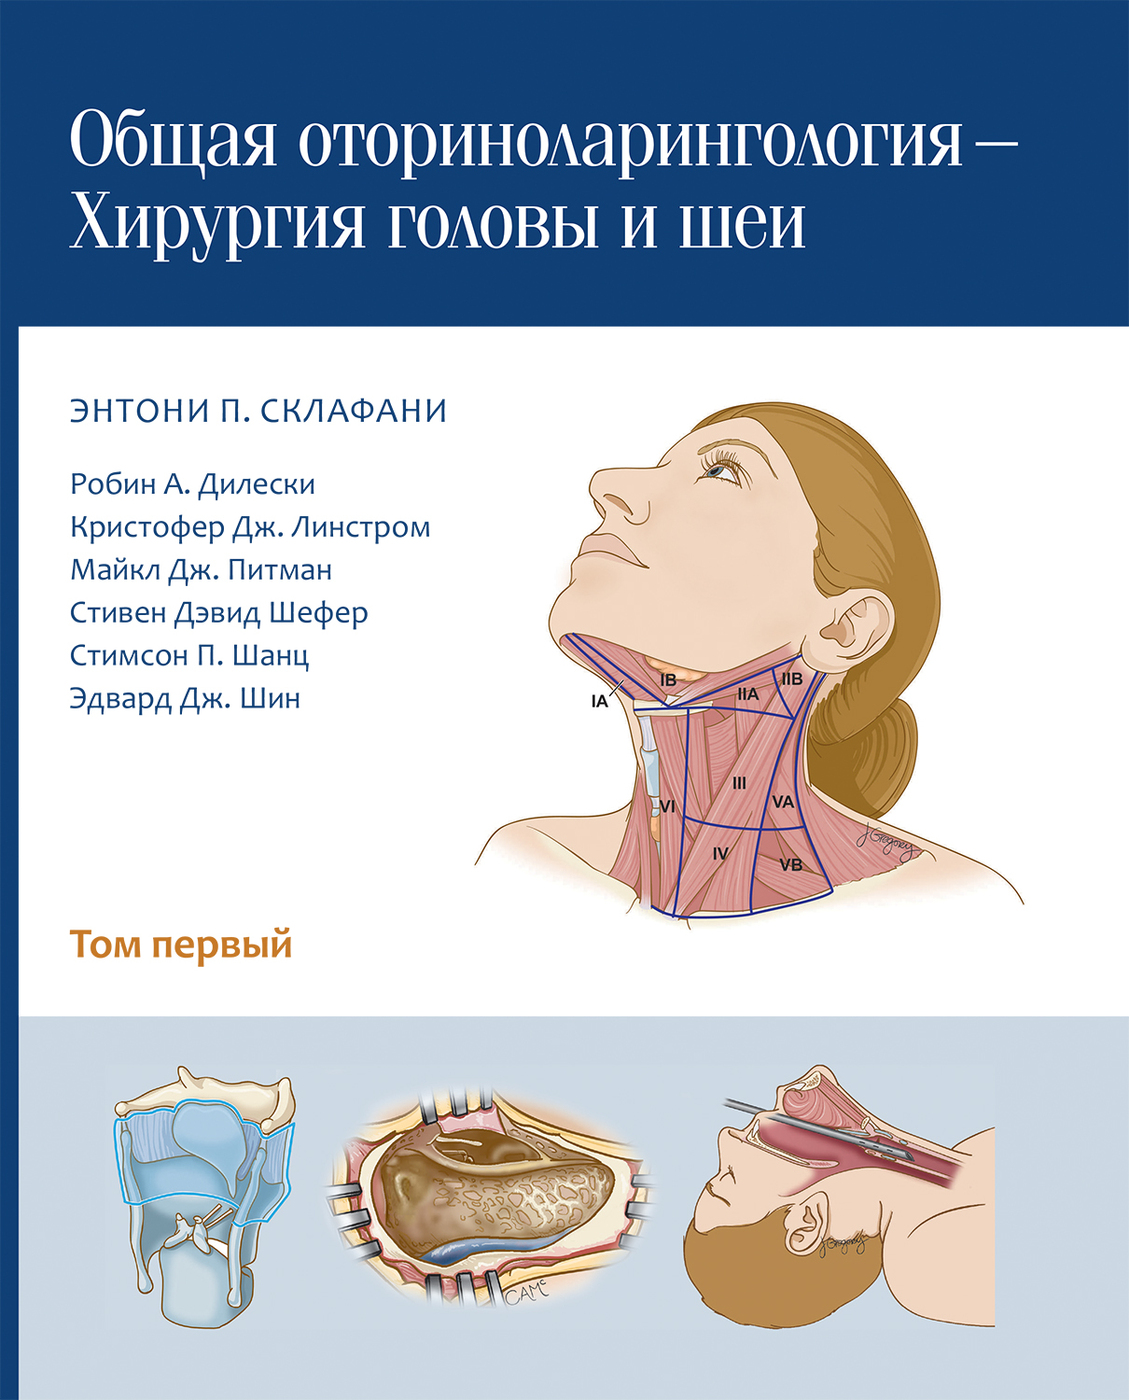 Общая оториноларингология - Хирургия головы и шеи (в 2-х томах)